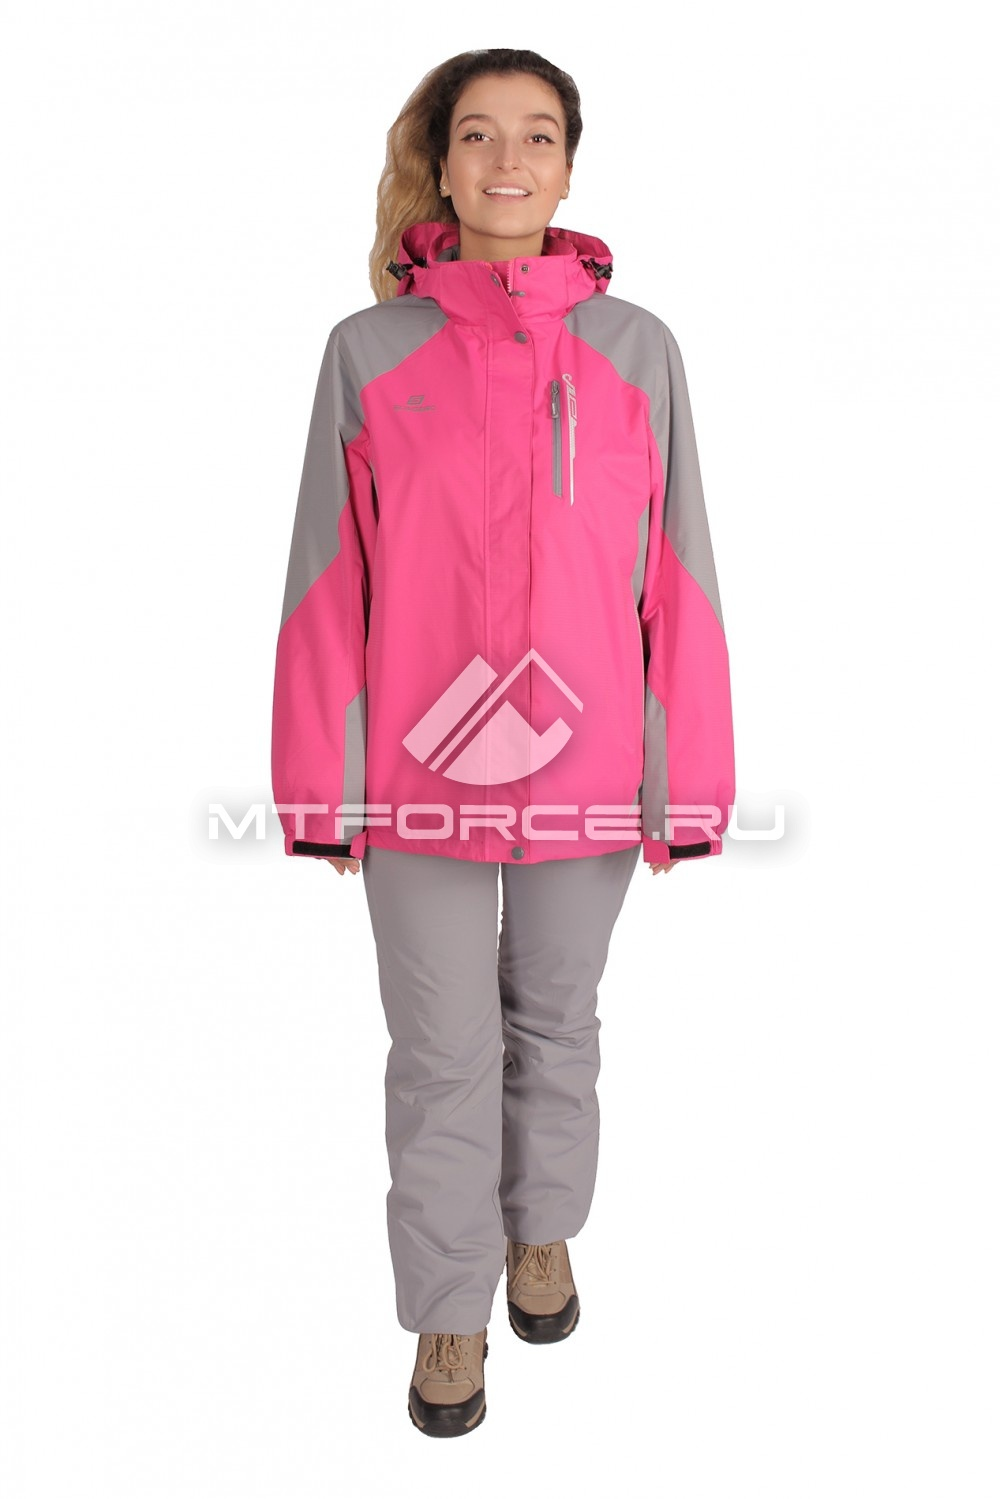 Купить                                  оптом Костюм большого размера женский розового цвета 01762R